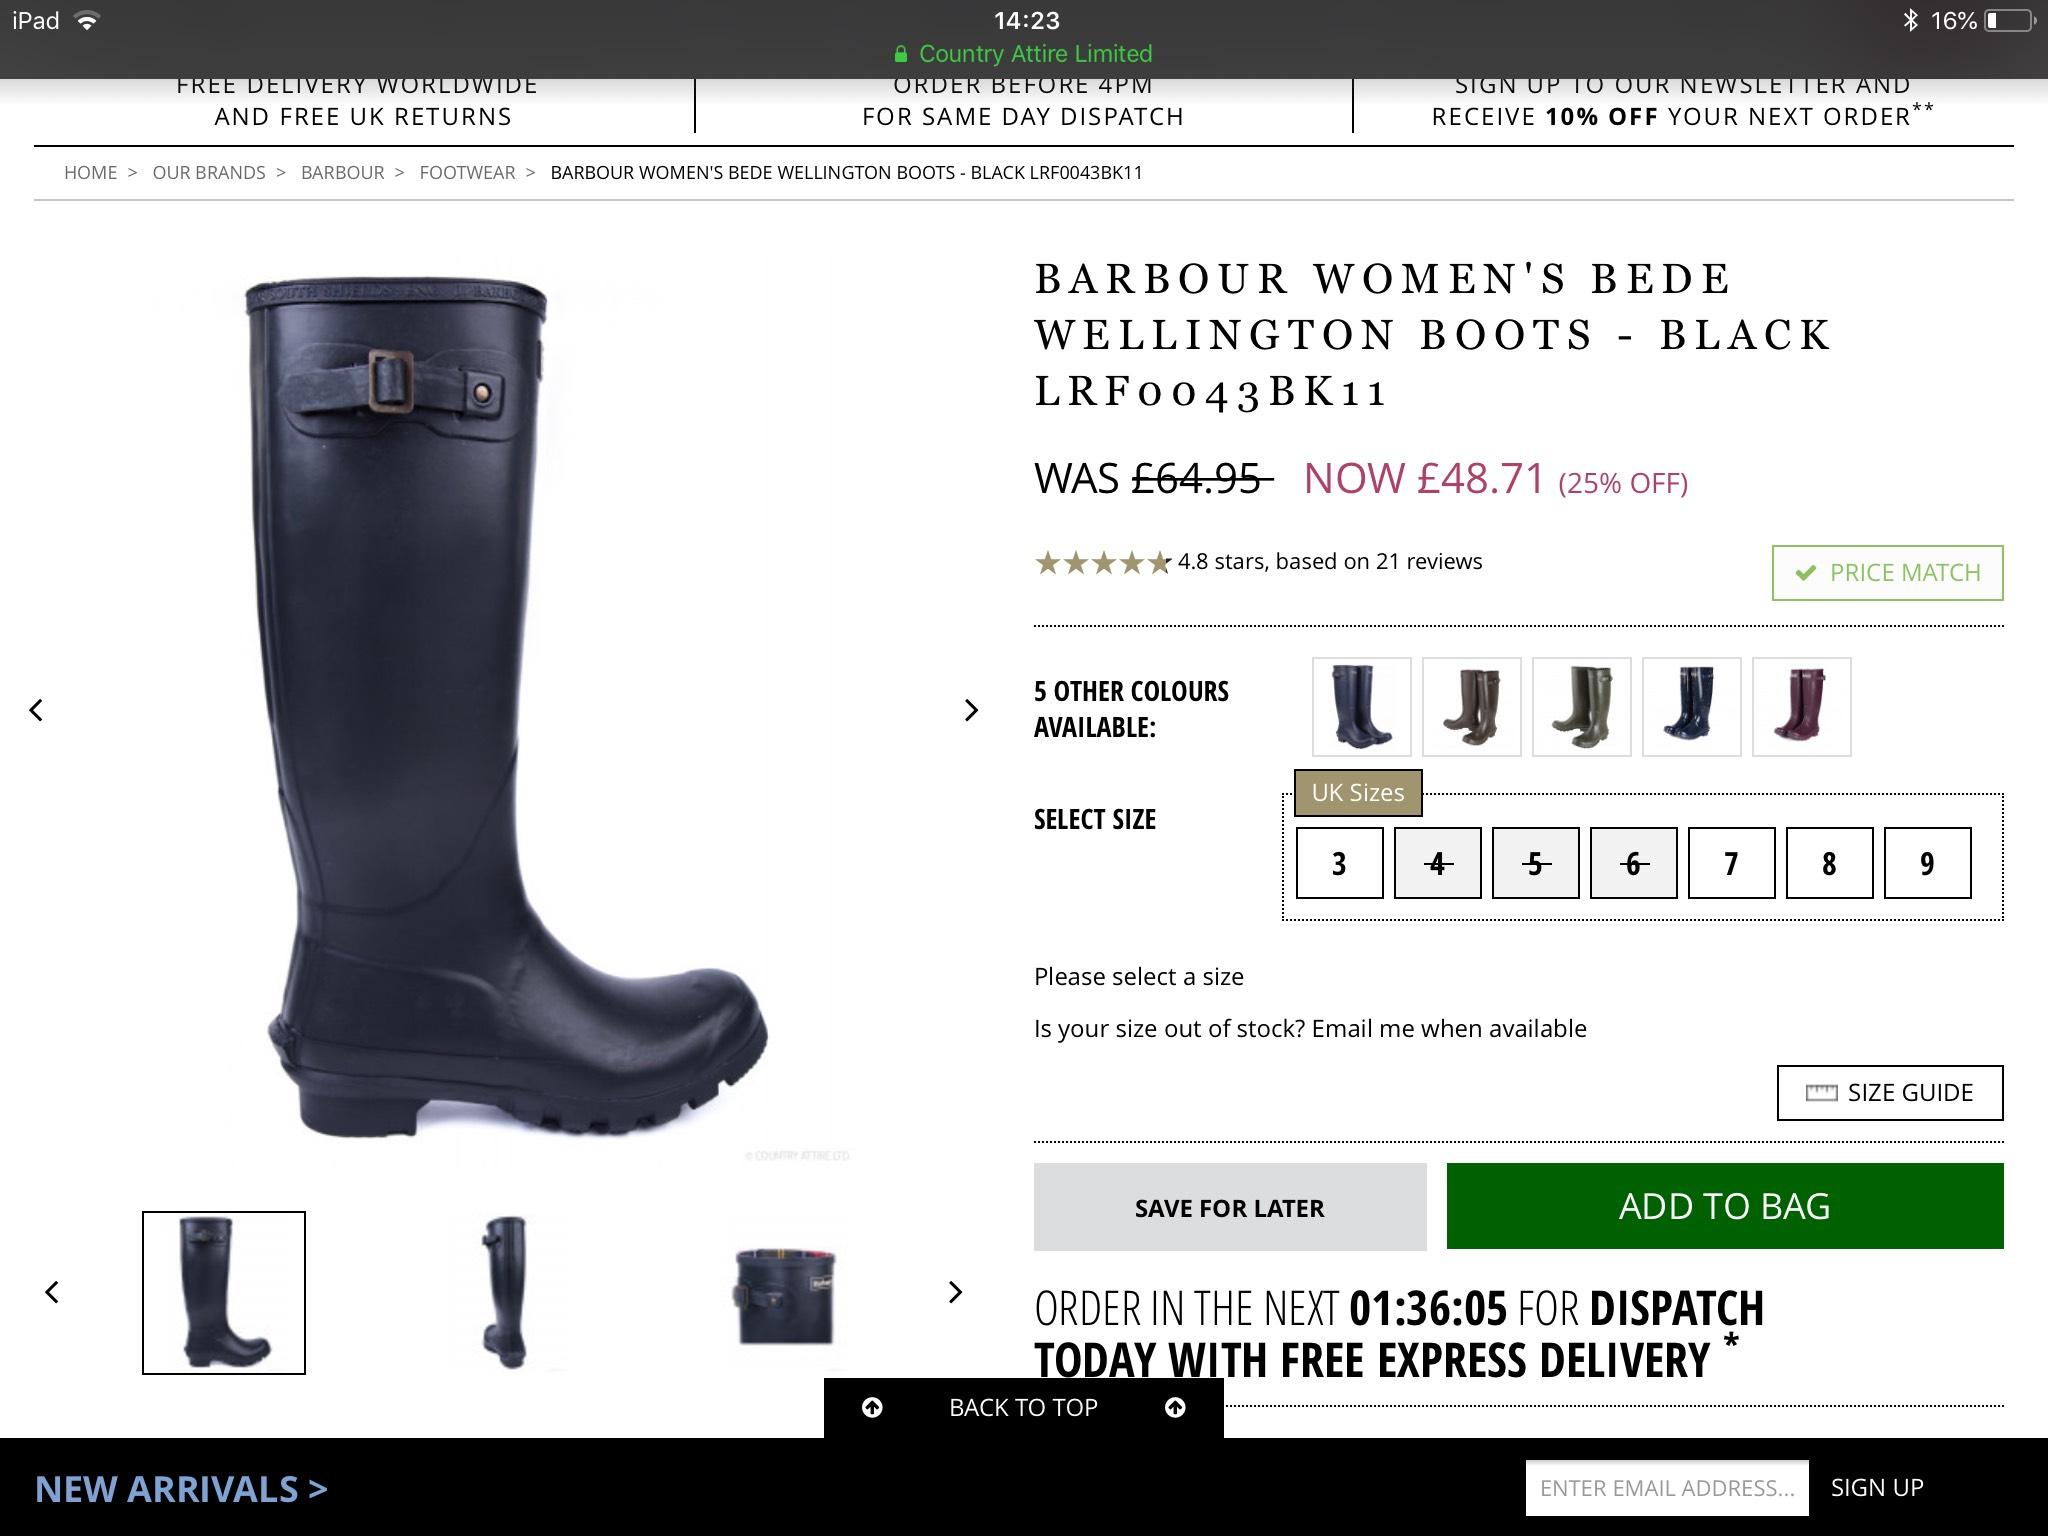 BARBOUR WOMEN'S BEDE WELLINGTON BOOTS - BLACK - £48.71 @ Country Attire